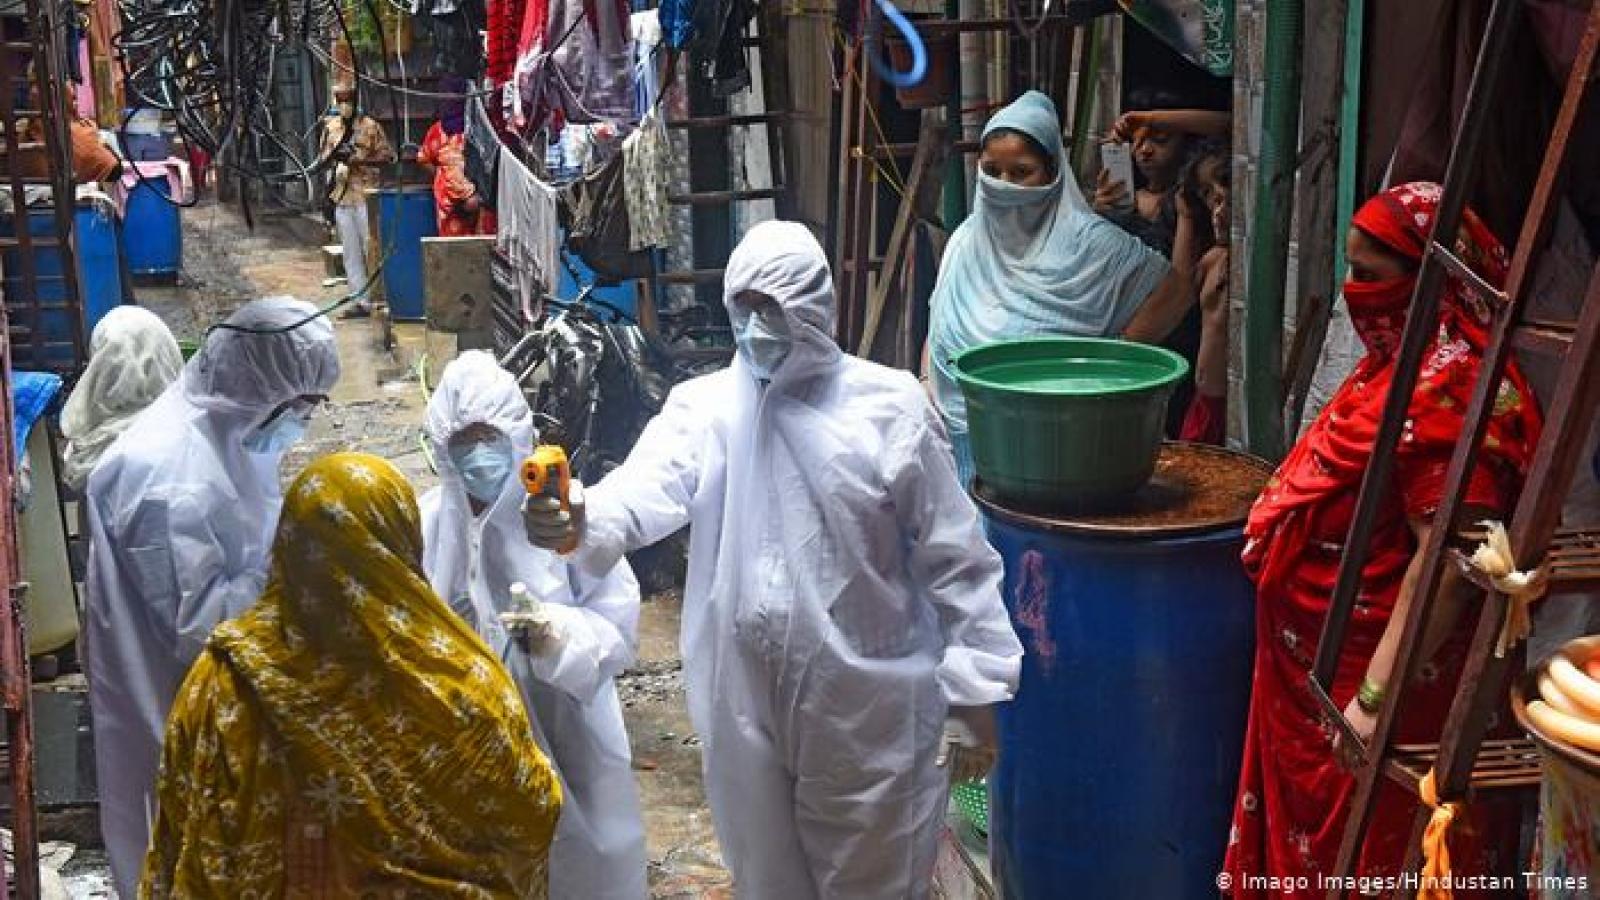 Ấn Độ dự tính tiêm vaccine Covid-19 đợt đầu cho 300 triệu người